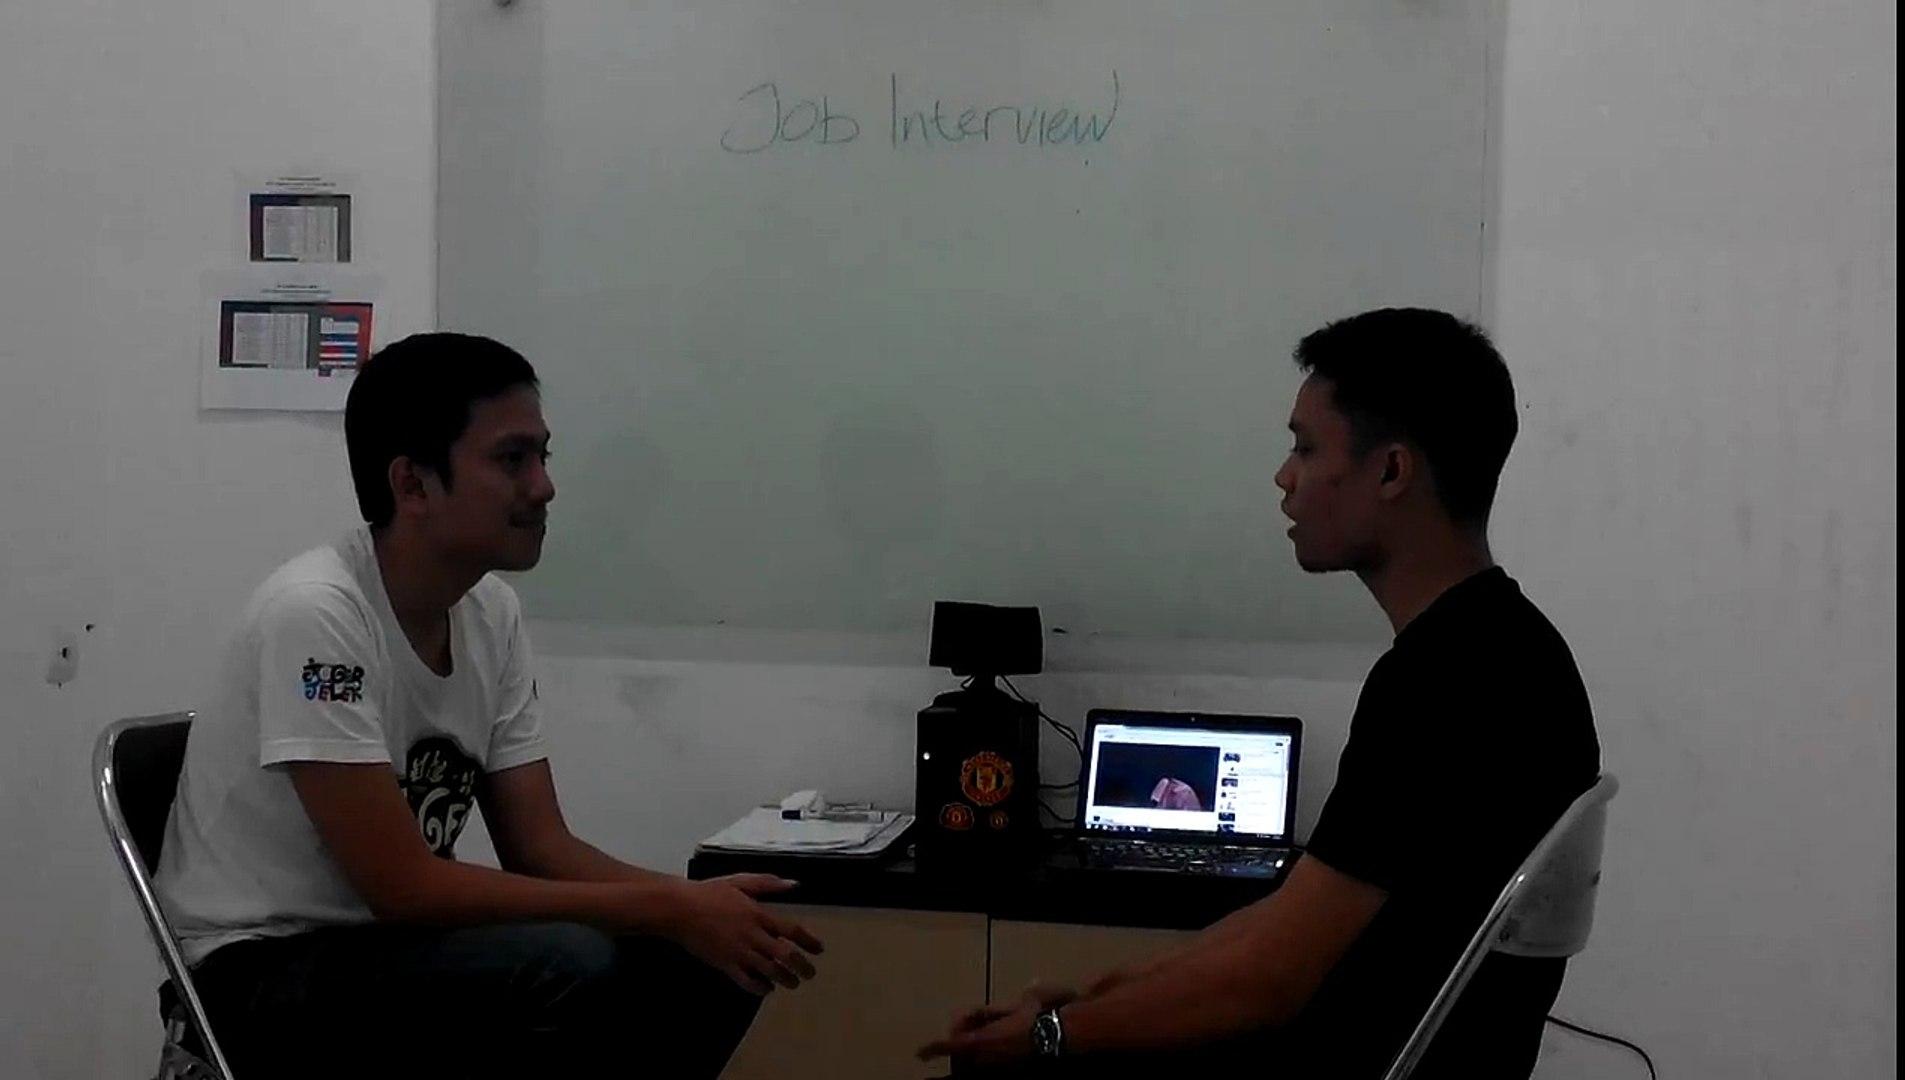 Job Interview Preparation Kampung Inggris Bandung